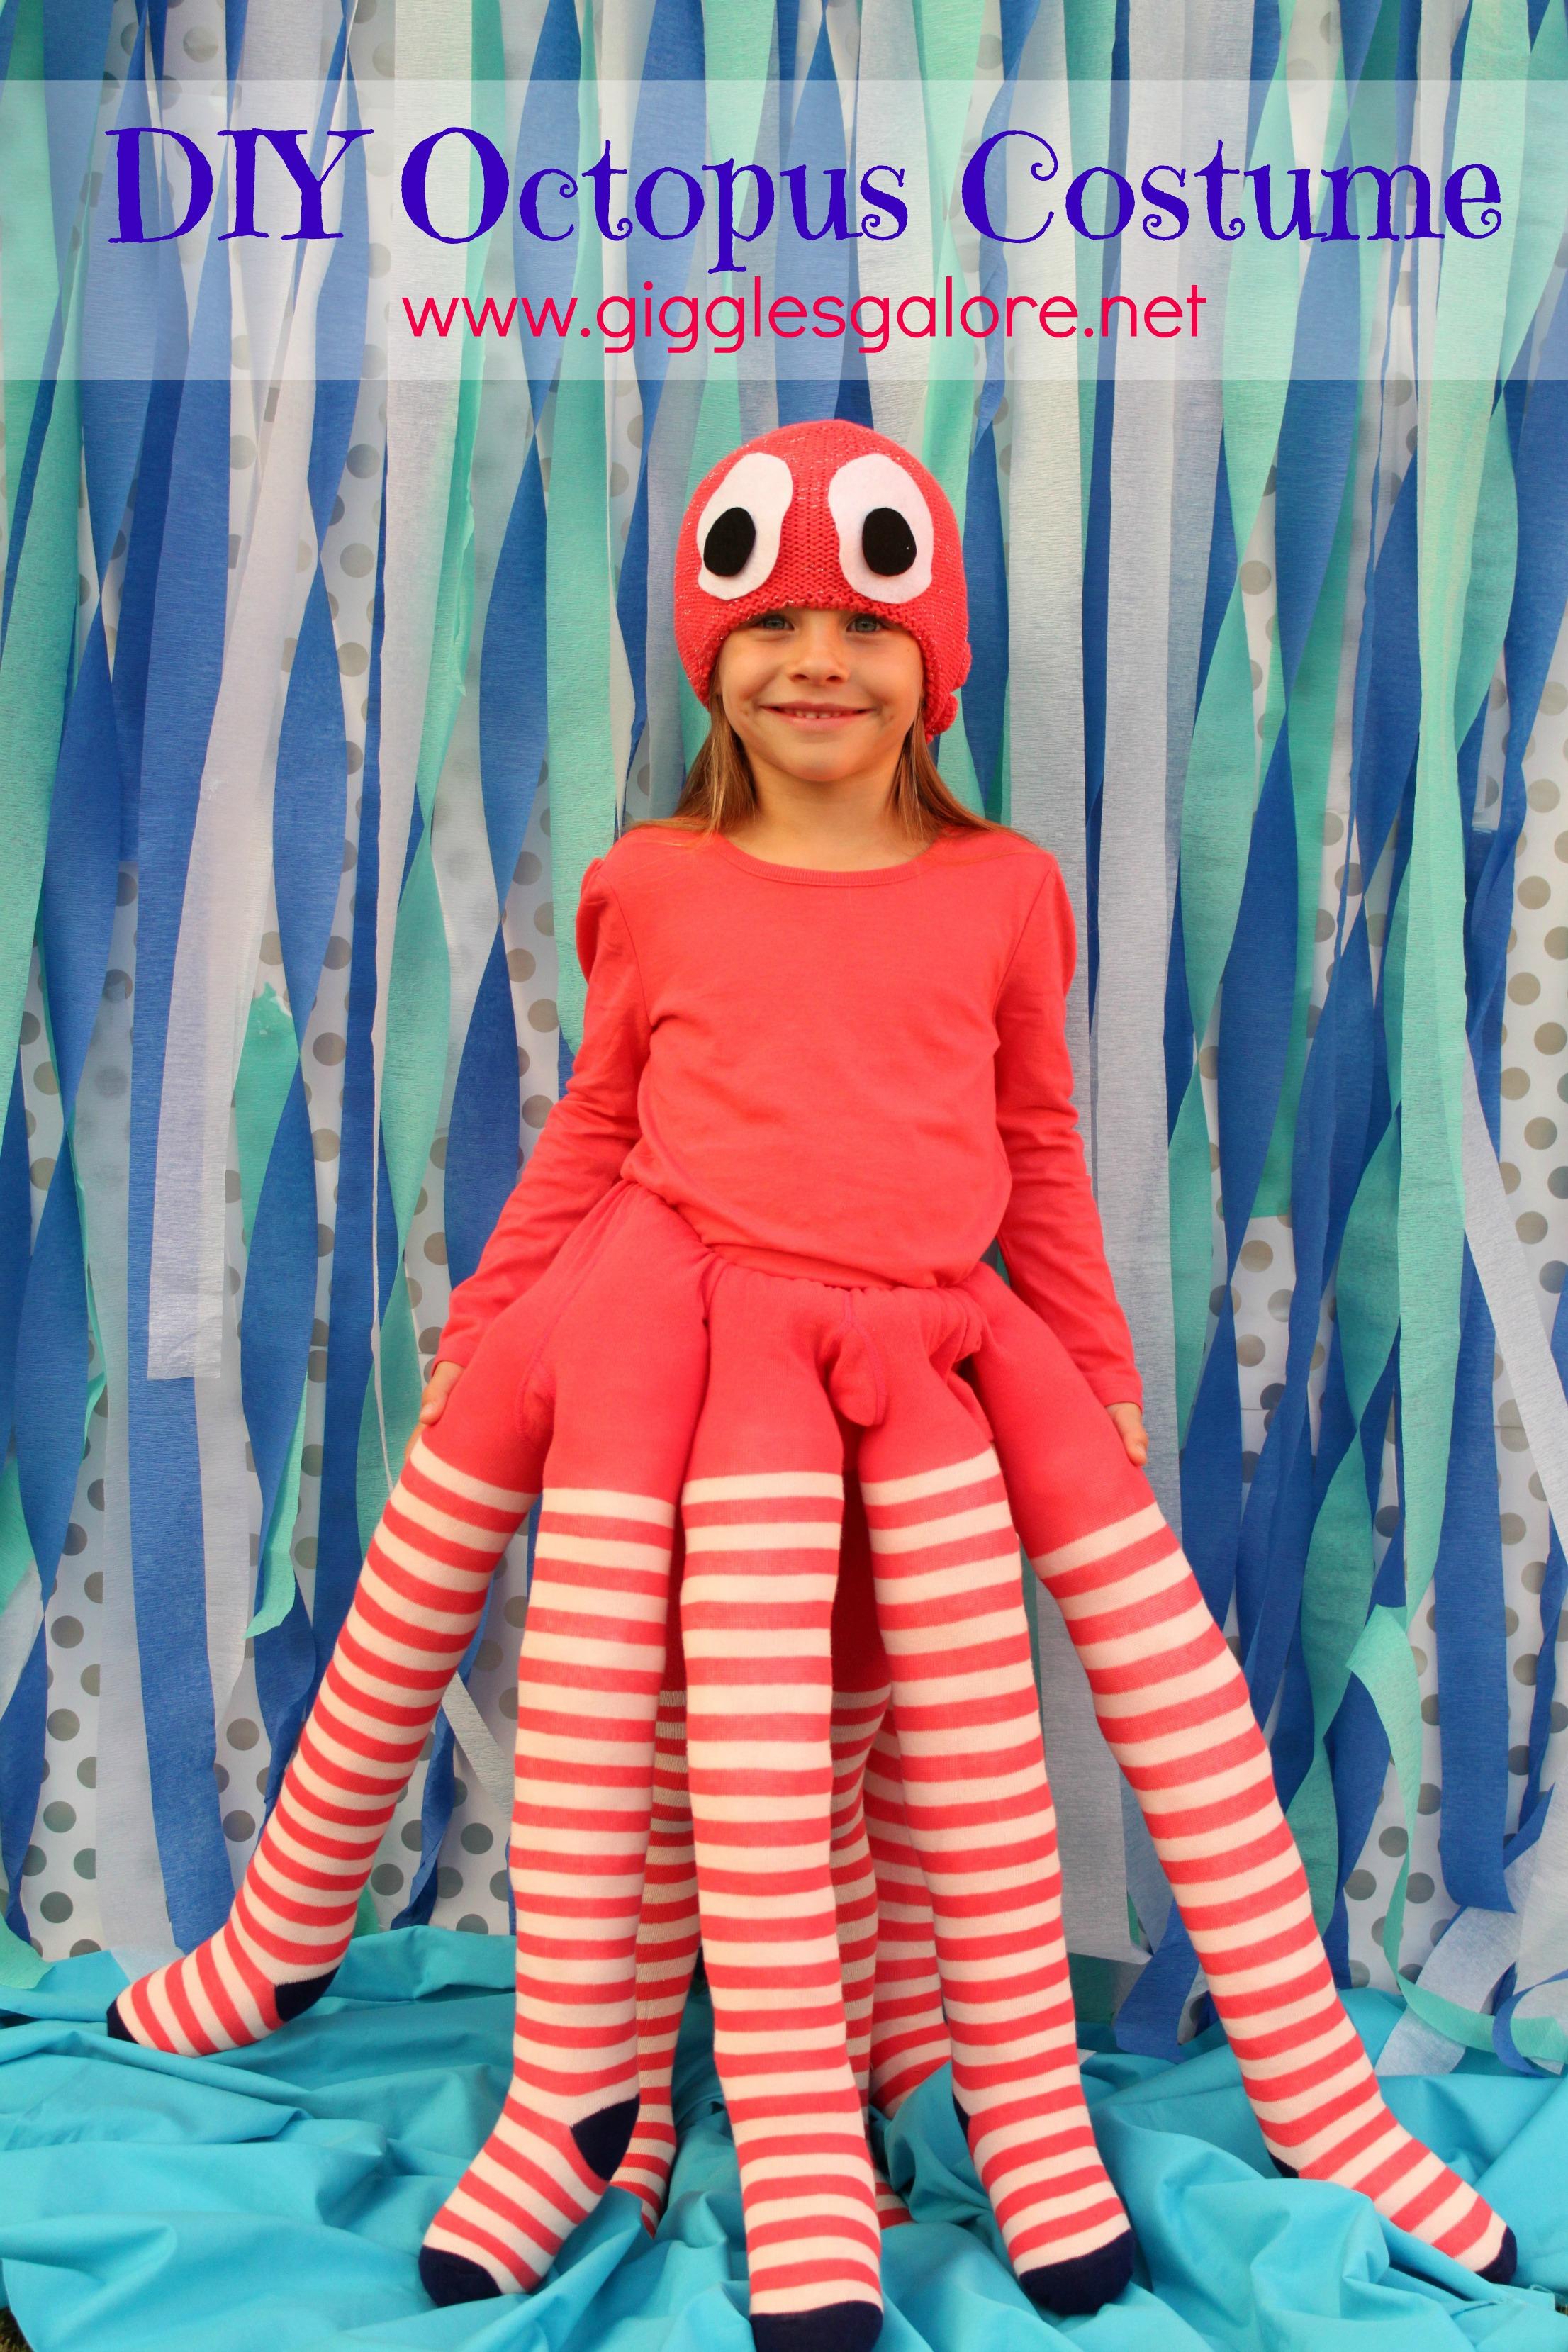 DIY Octopus Costume - Kids DIY Halloween Costume